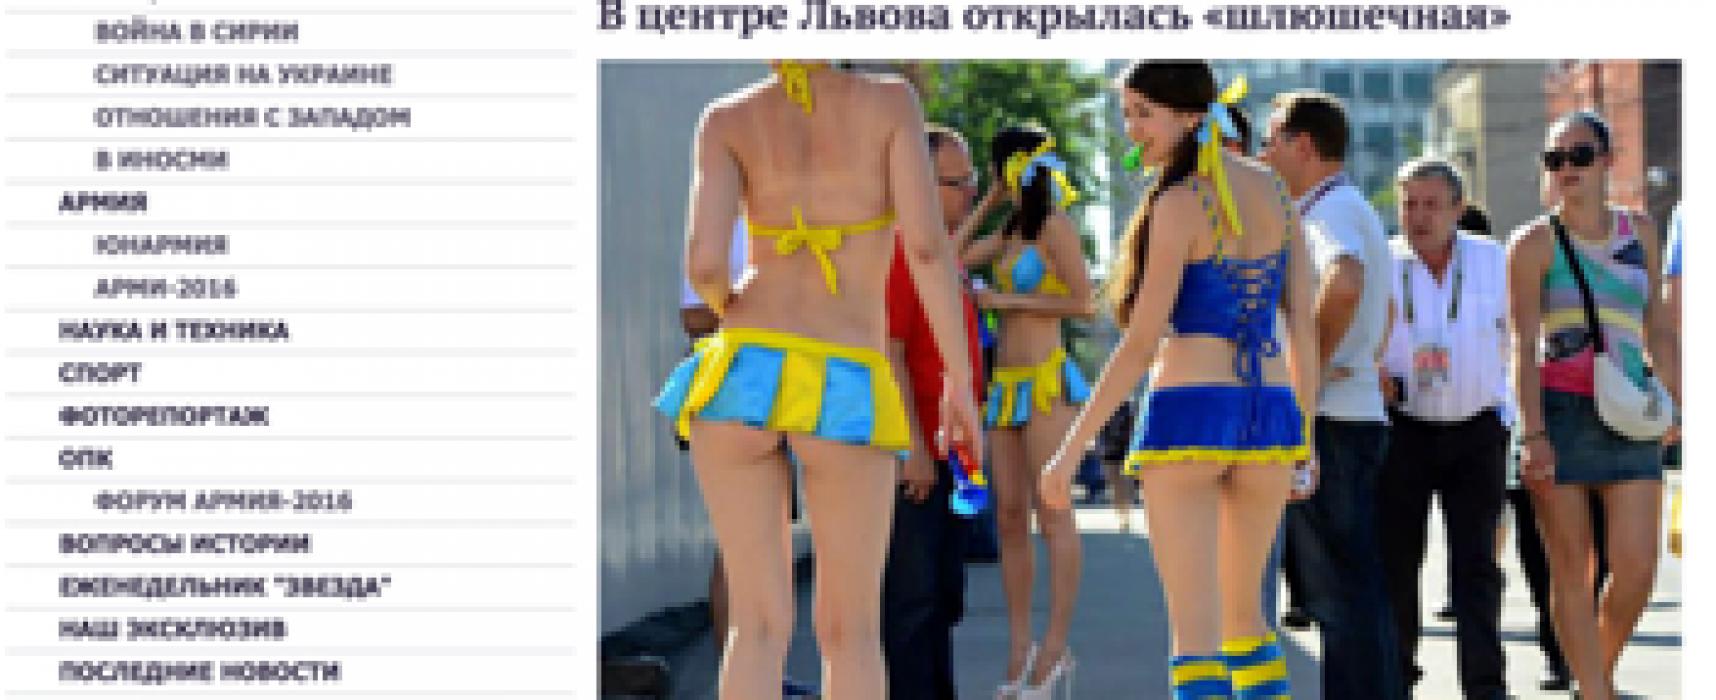 """Фейк: во Львове открыли заведение """"кафе-шлюшечная"""""""